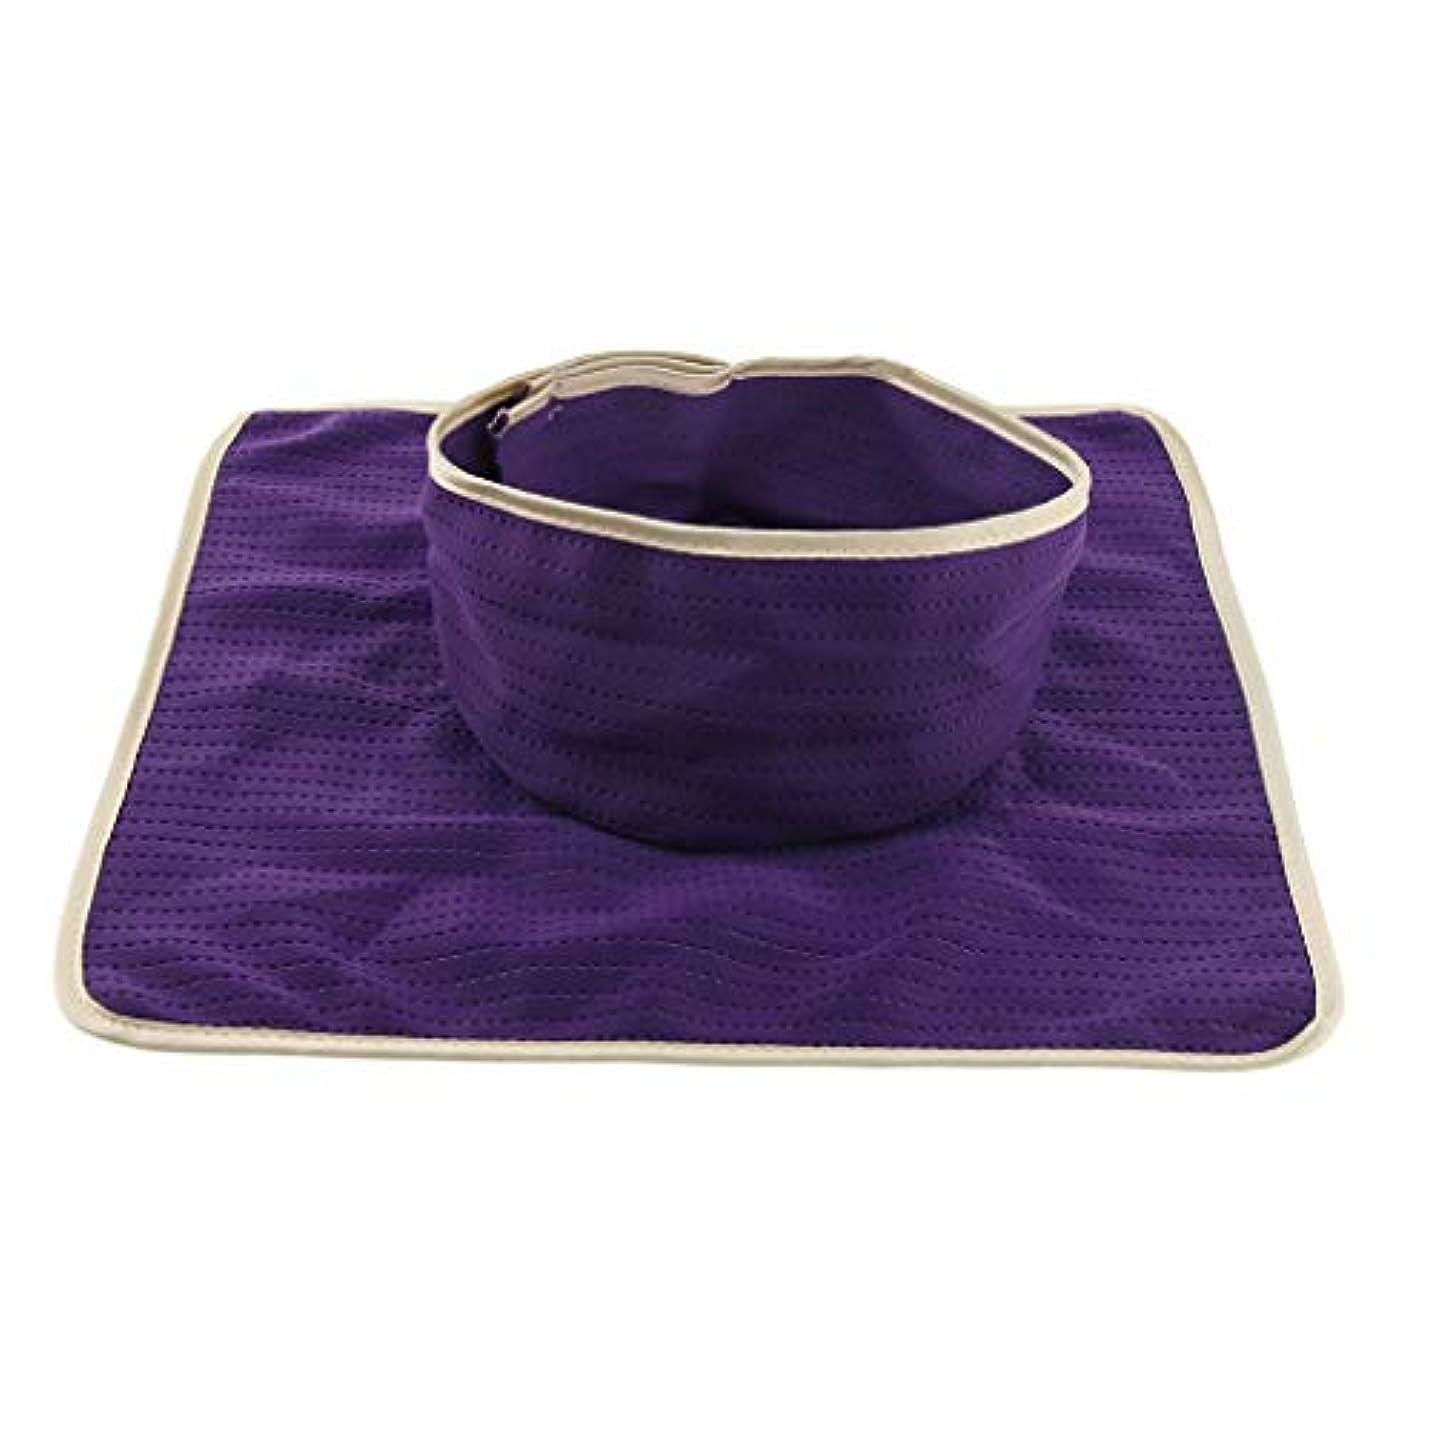 プレート楕円形つぶやきマッサージのベッド用 パッド マットシート 顔の穴付き 洗える 約35×35cm 全3色 - 紫